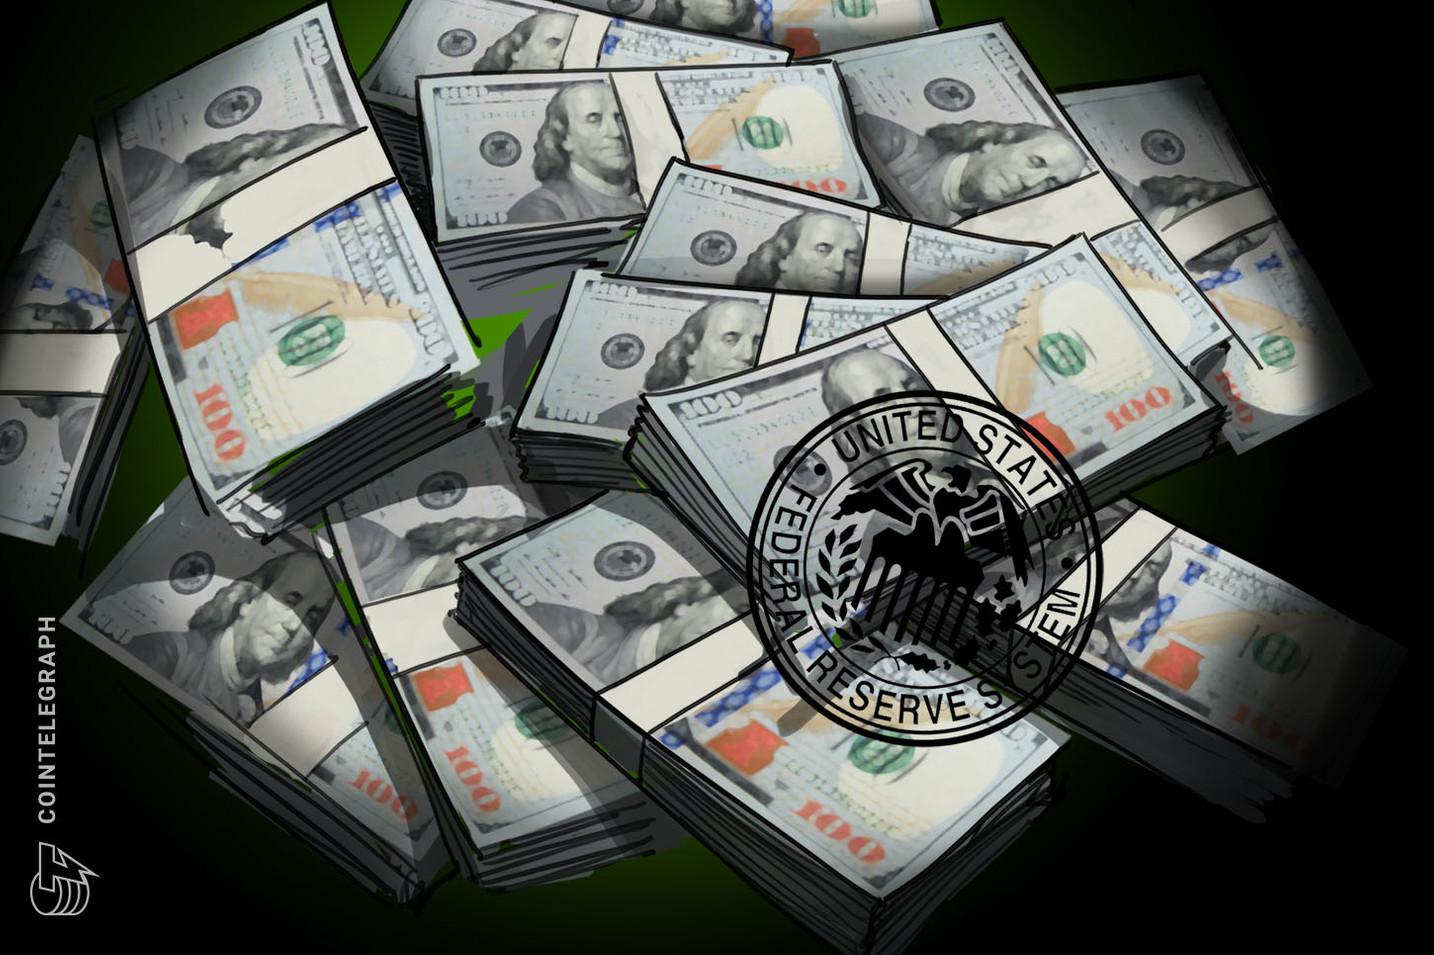 ¡Más impresión de dinero! ¿Cómo las medidas de la Reserva Federal repercuten en Bitcoin?